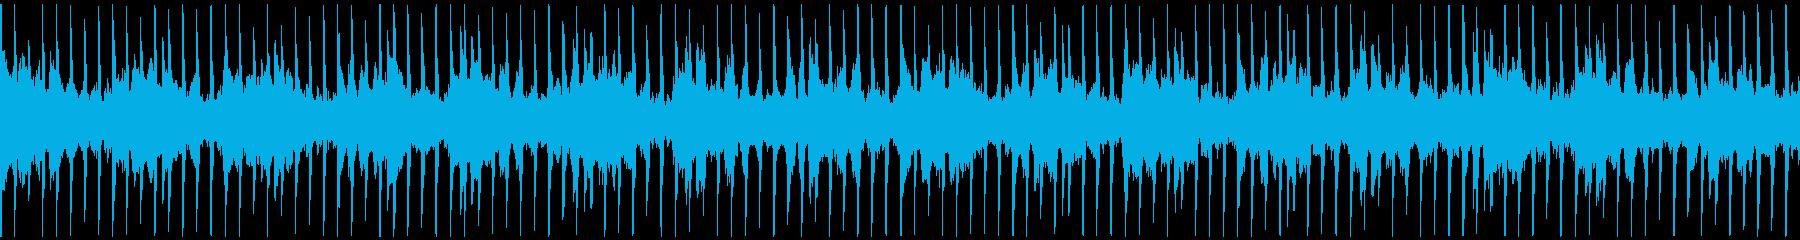 ムーディでお洒落なピアノ/ループ可の再生済みの波形